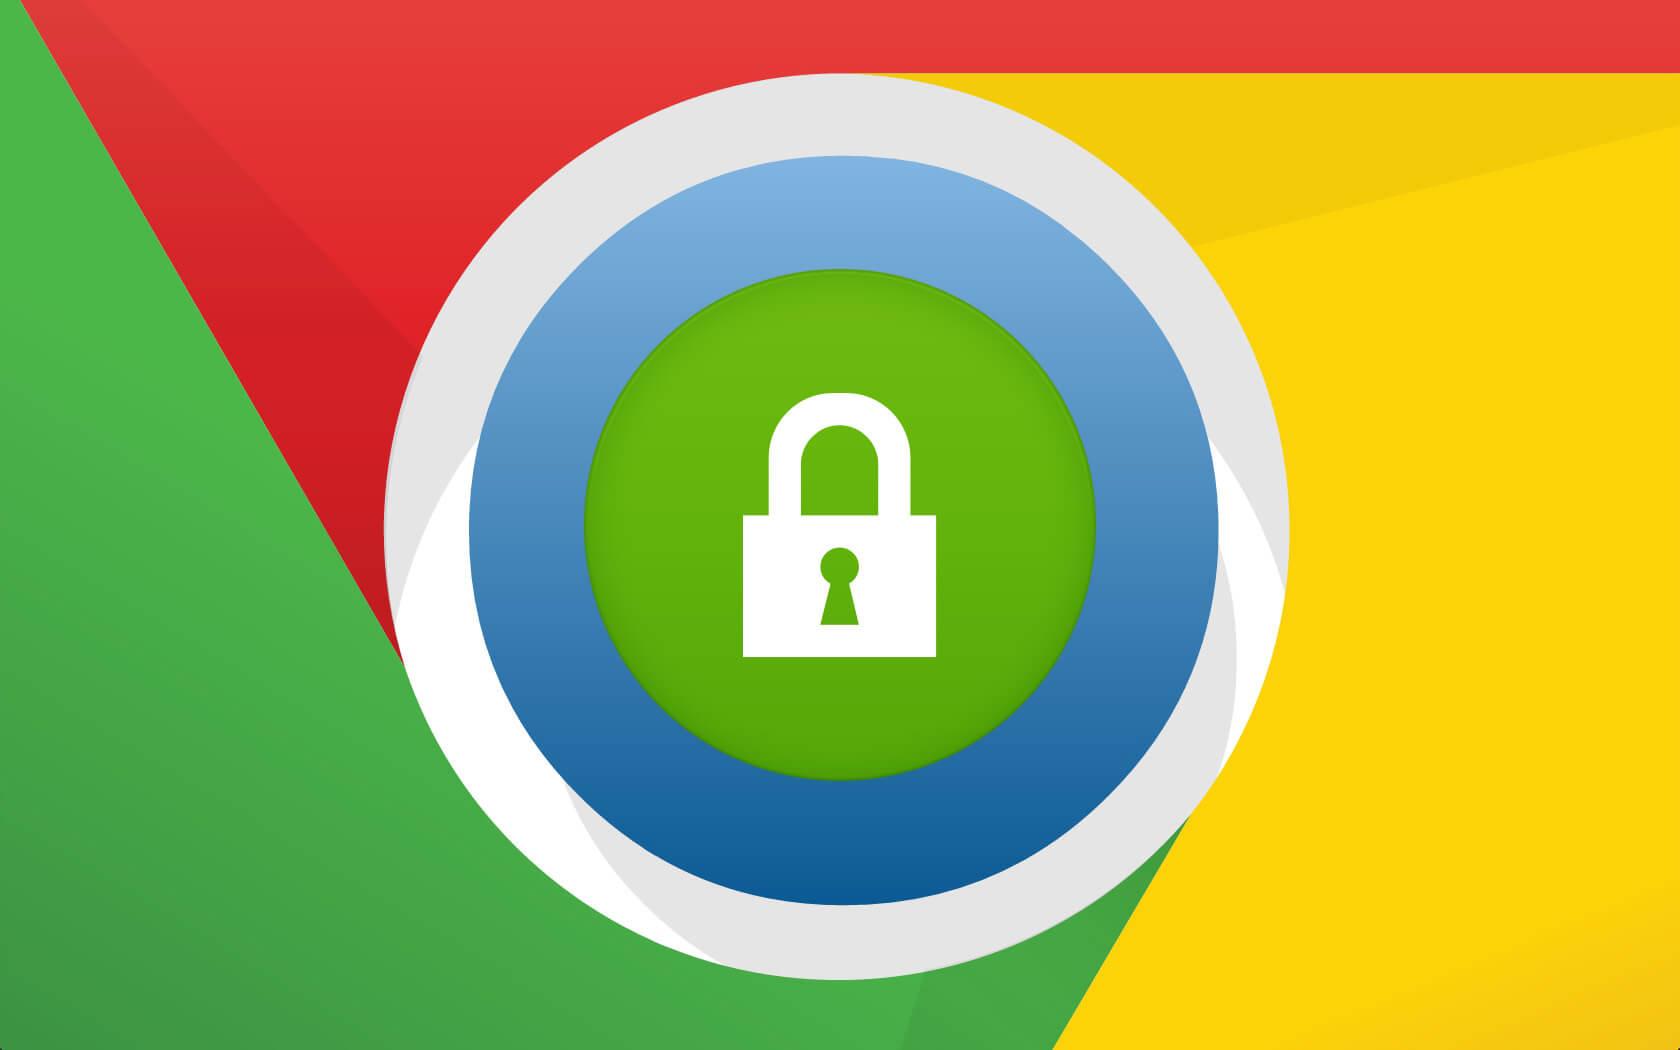 Chrome pour windows va bloquer les injections de logiciels for Bloquer les fenetre publicitaire google chrome